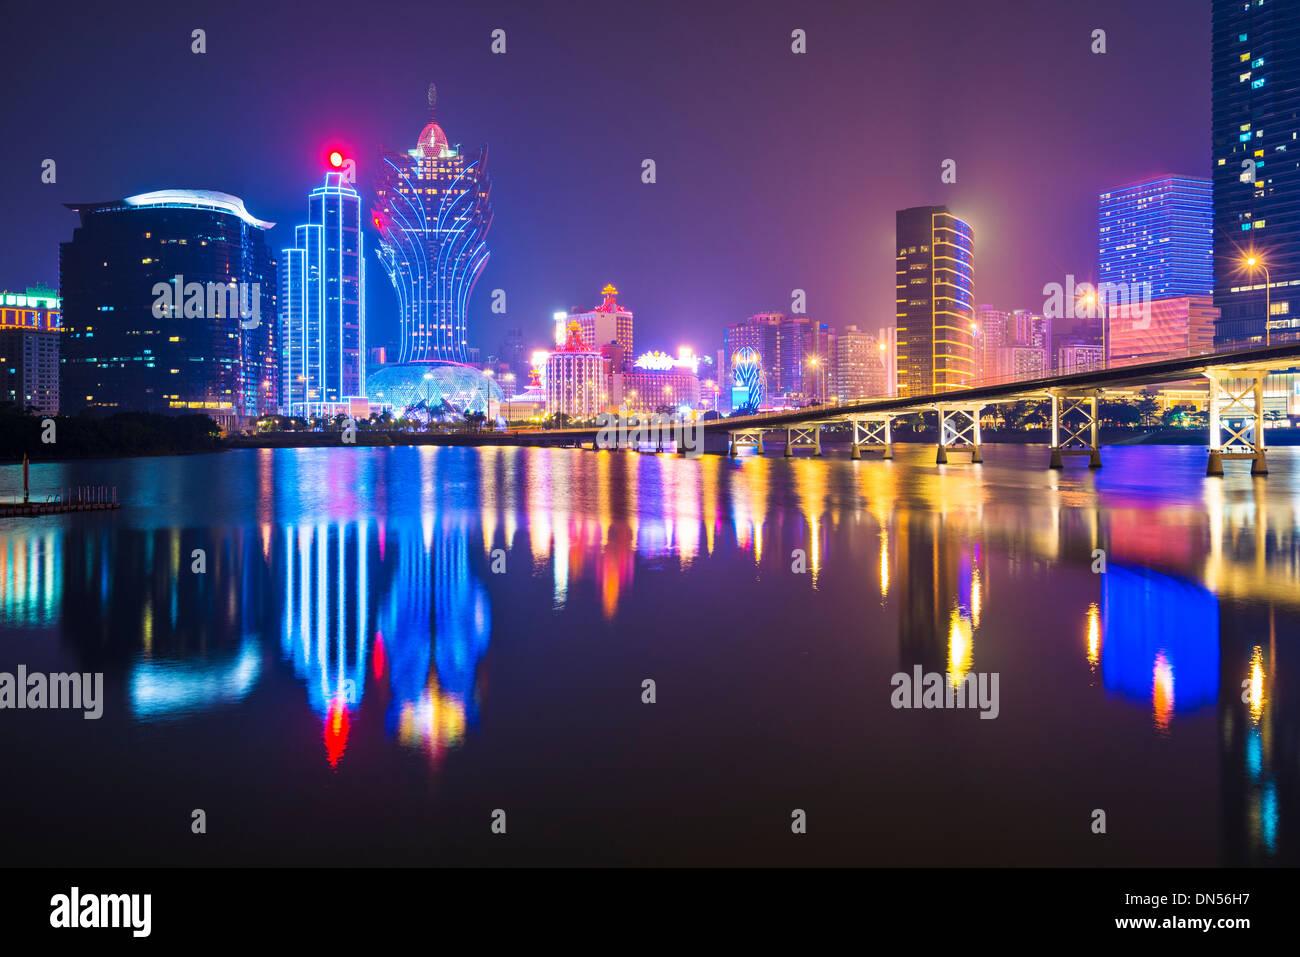 Macau, China skyline at the high rise casino resorts. - Stock Image